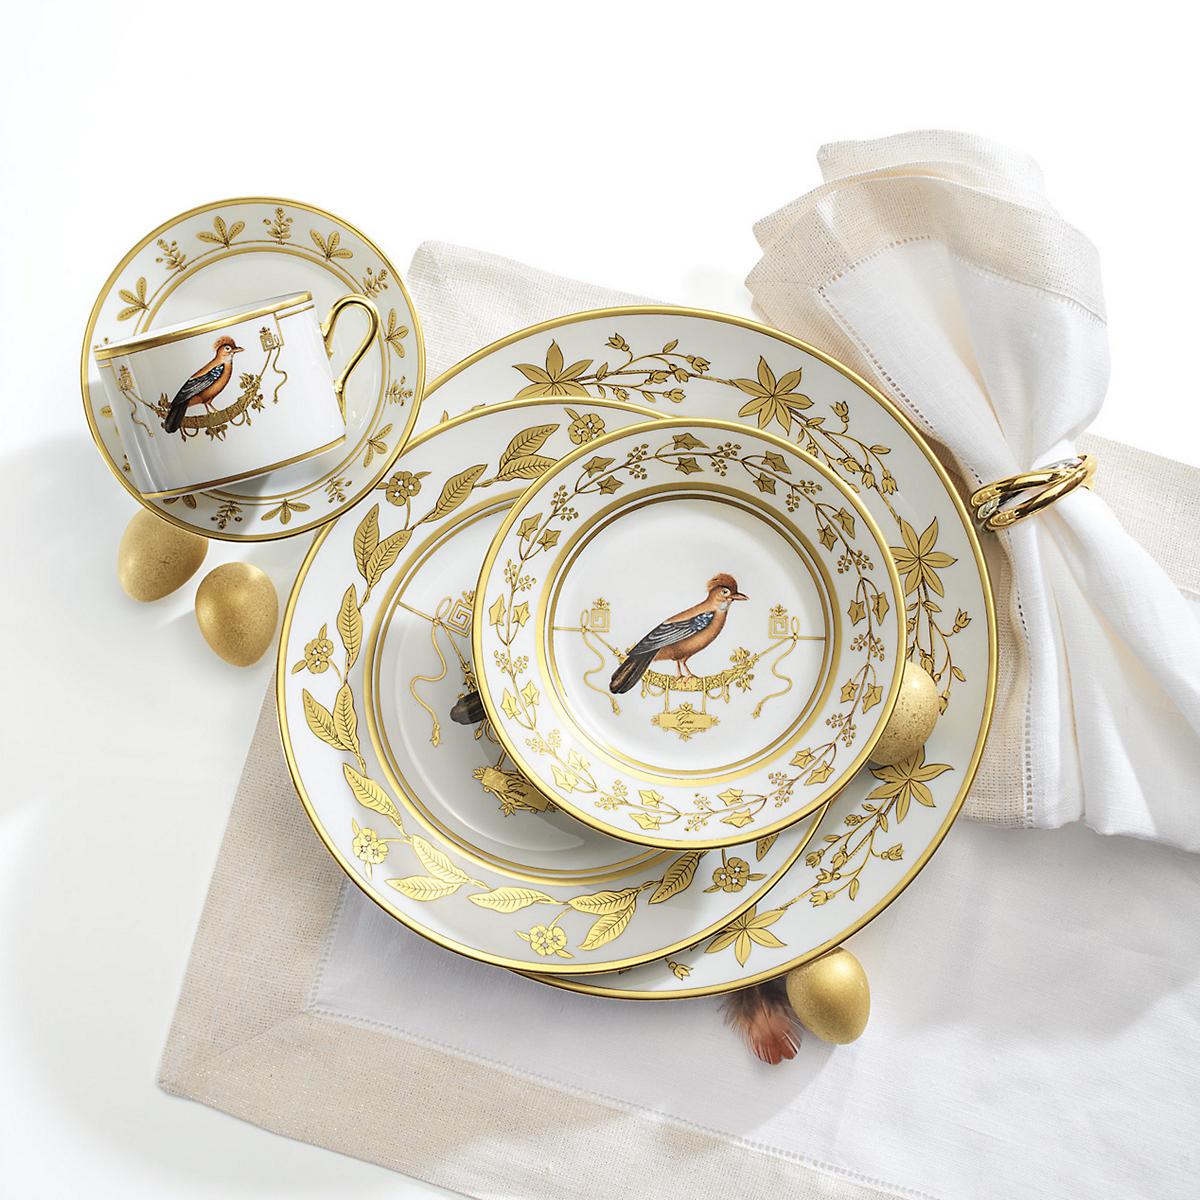 Richard Ginori 1735 Voliere Dinnerware Geai  sc 1 st  Gump\u0027s & Richard Ginori 1735 Voliere Dinnerware Geai   Gump\u0027s